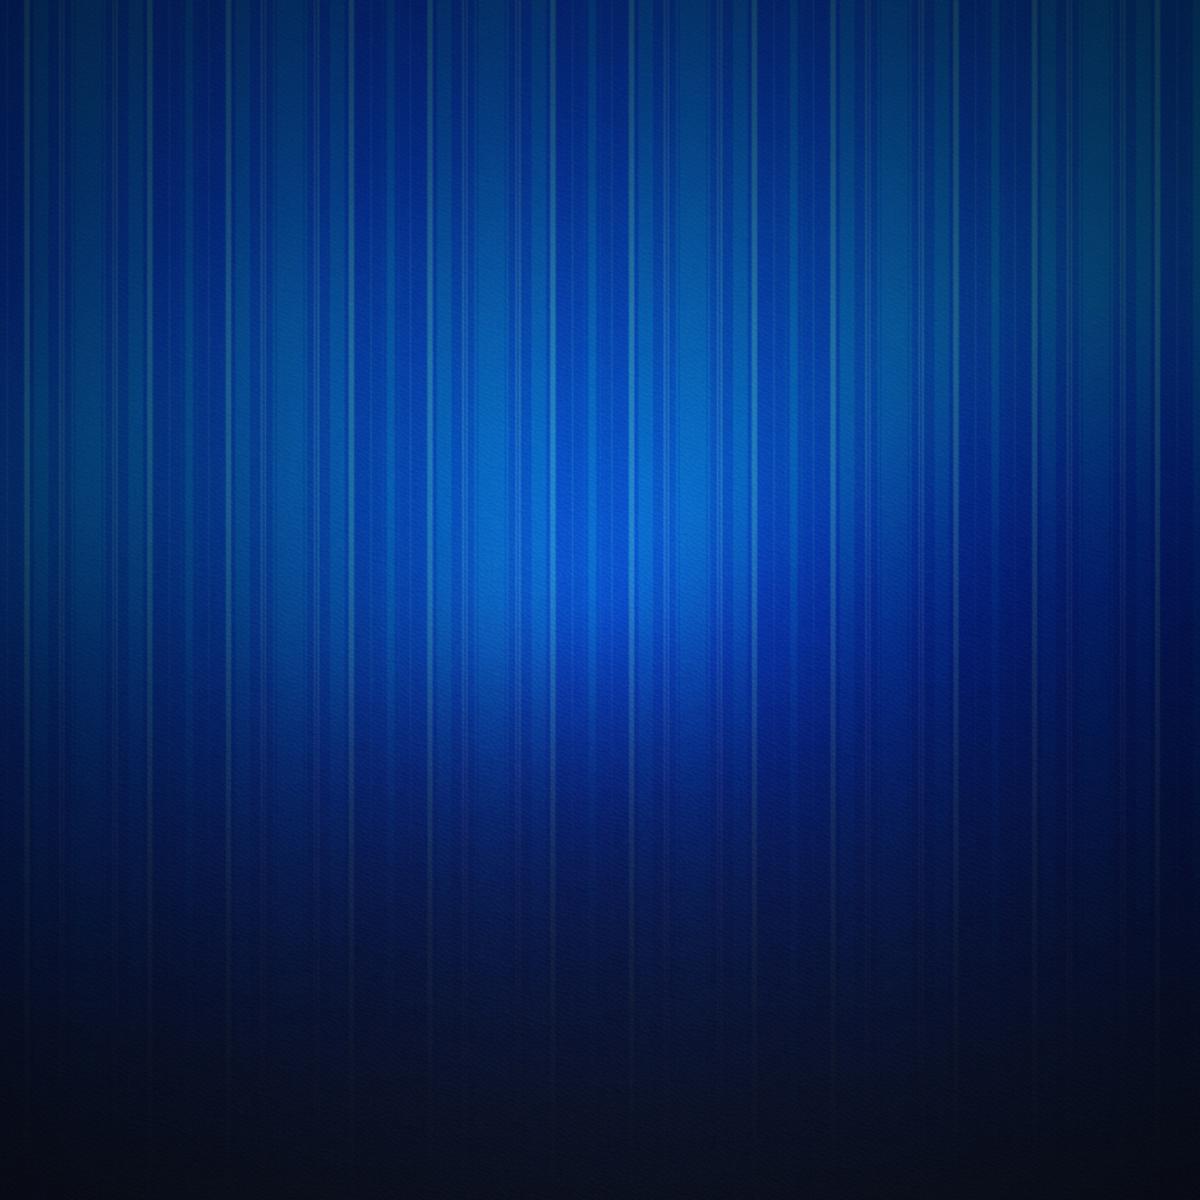 Plain Neon Blue Background Plain blue backgrounds 1200x1200